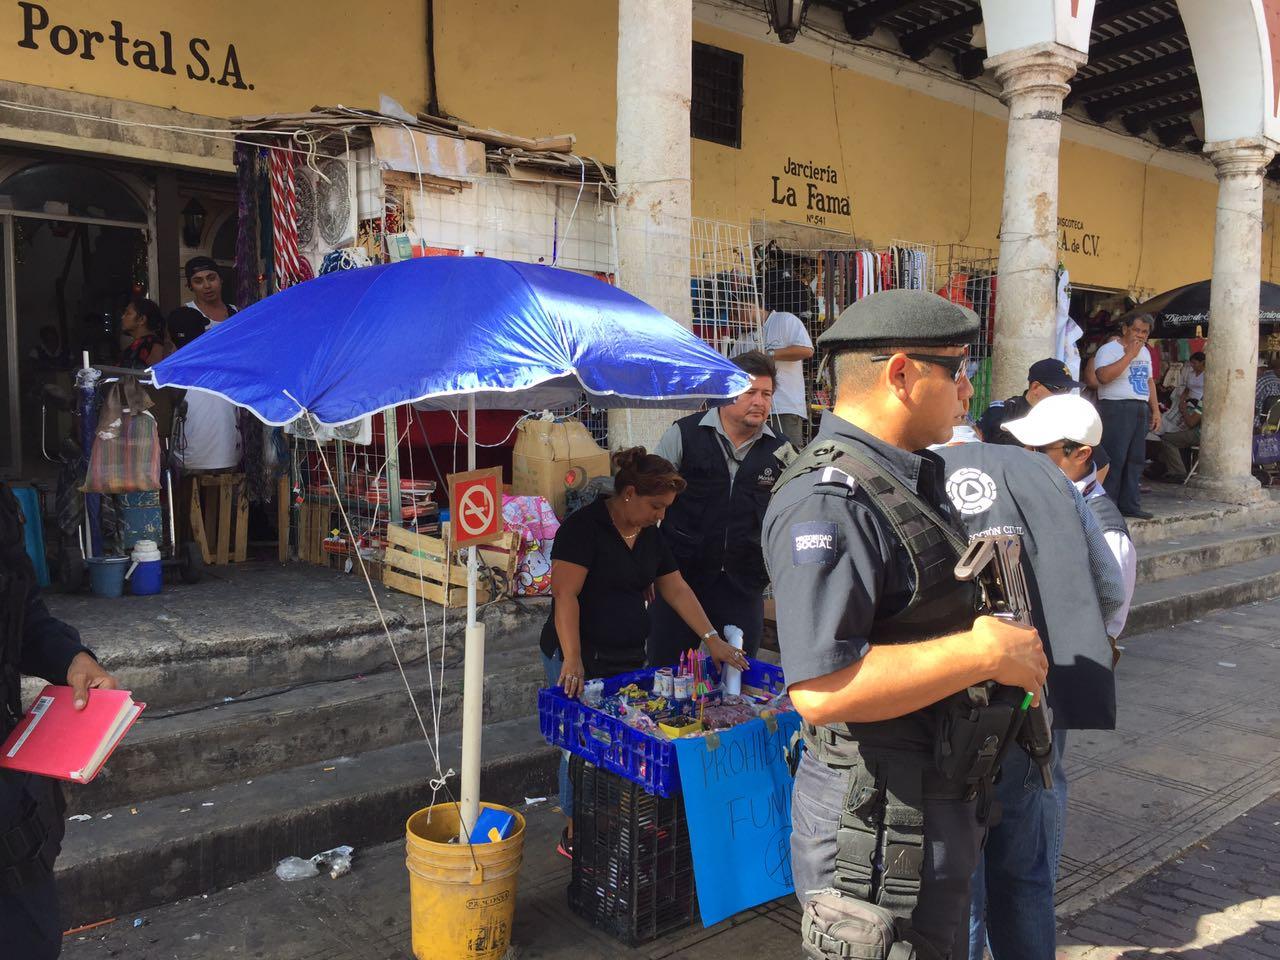 Rastrean pólvora en Mérida: confiscan 1.7 toneladas